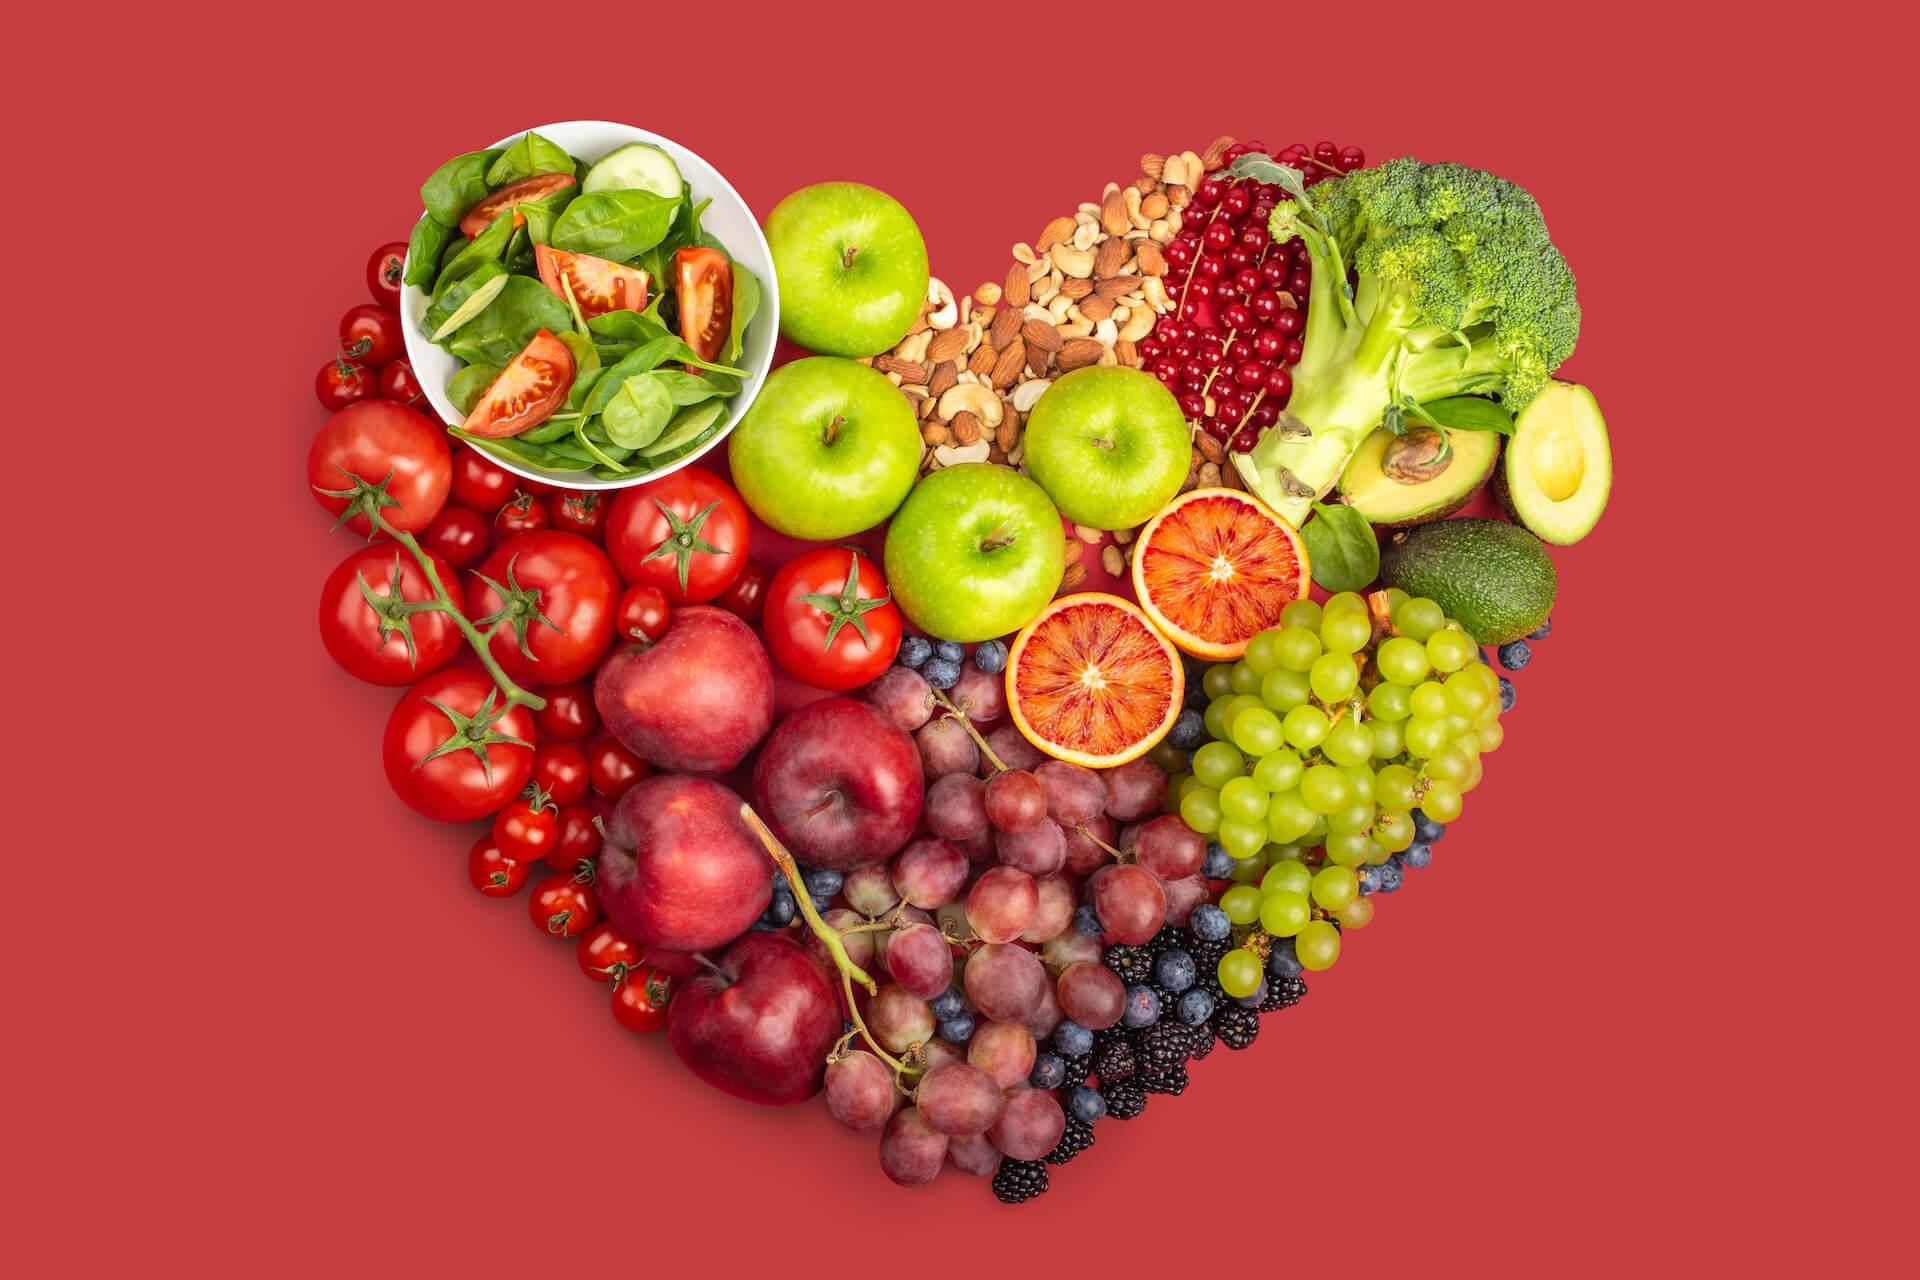 Voće, povrće i orašasti plodovi posloženi u obliku srca na crvenoj podlozi